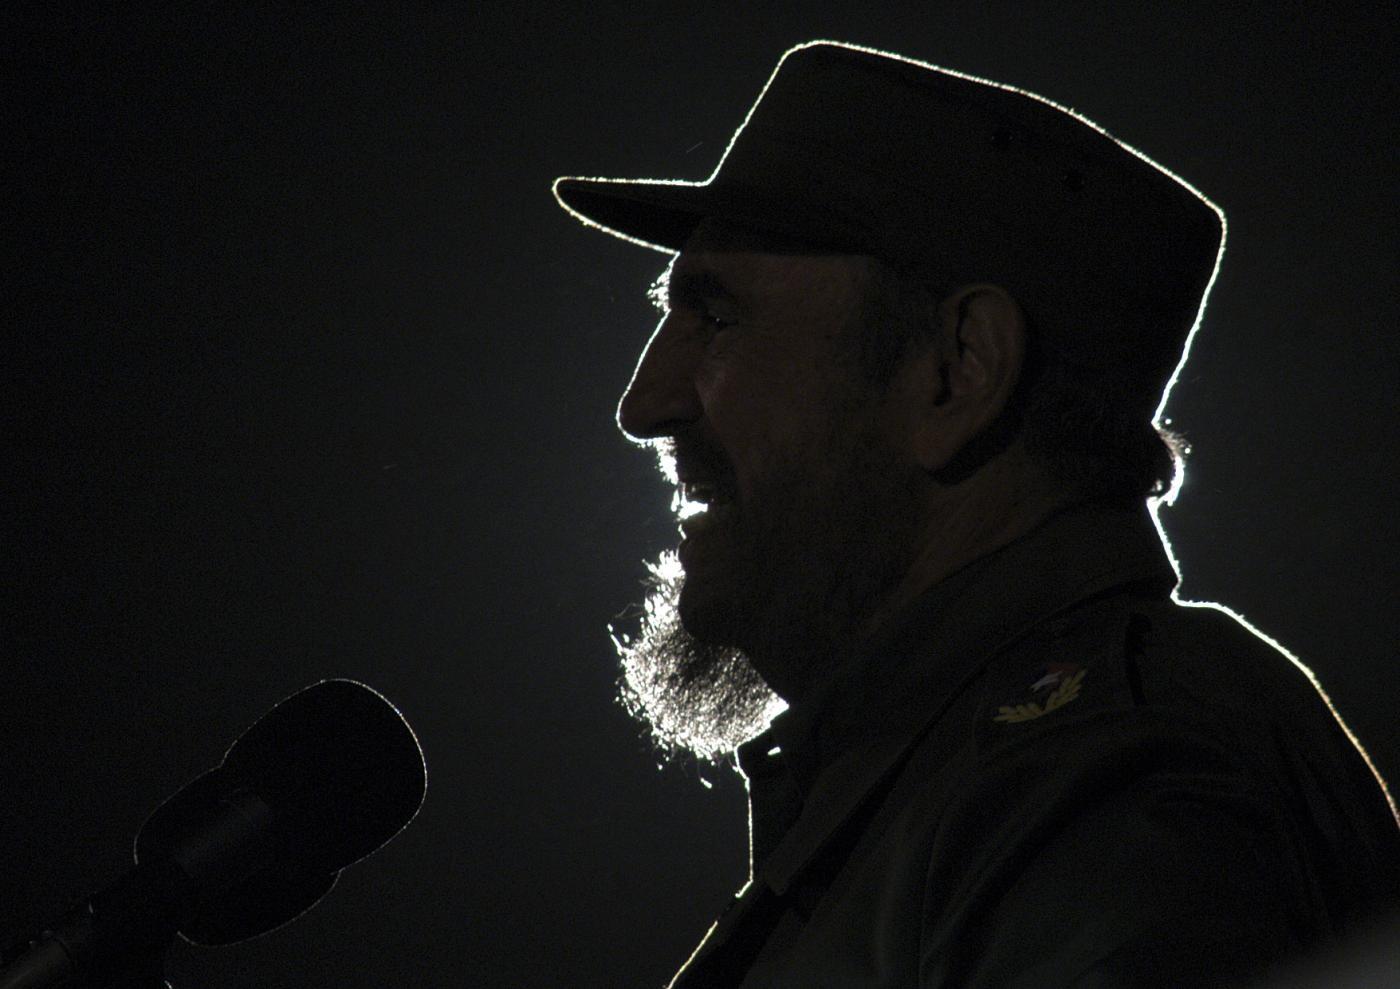 È morto Fidel Castro, l'ultimo comunista aveva 90 anni